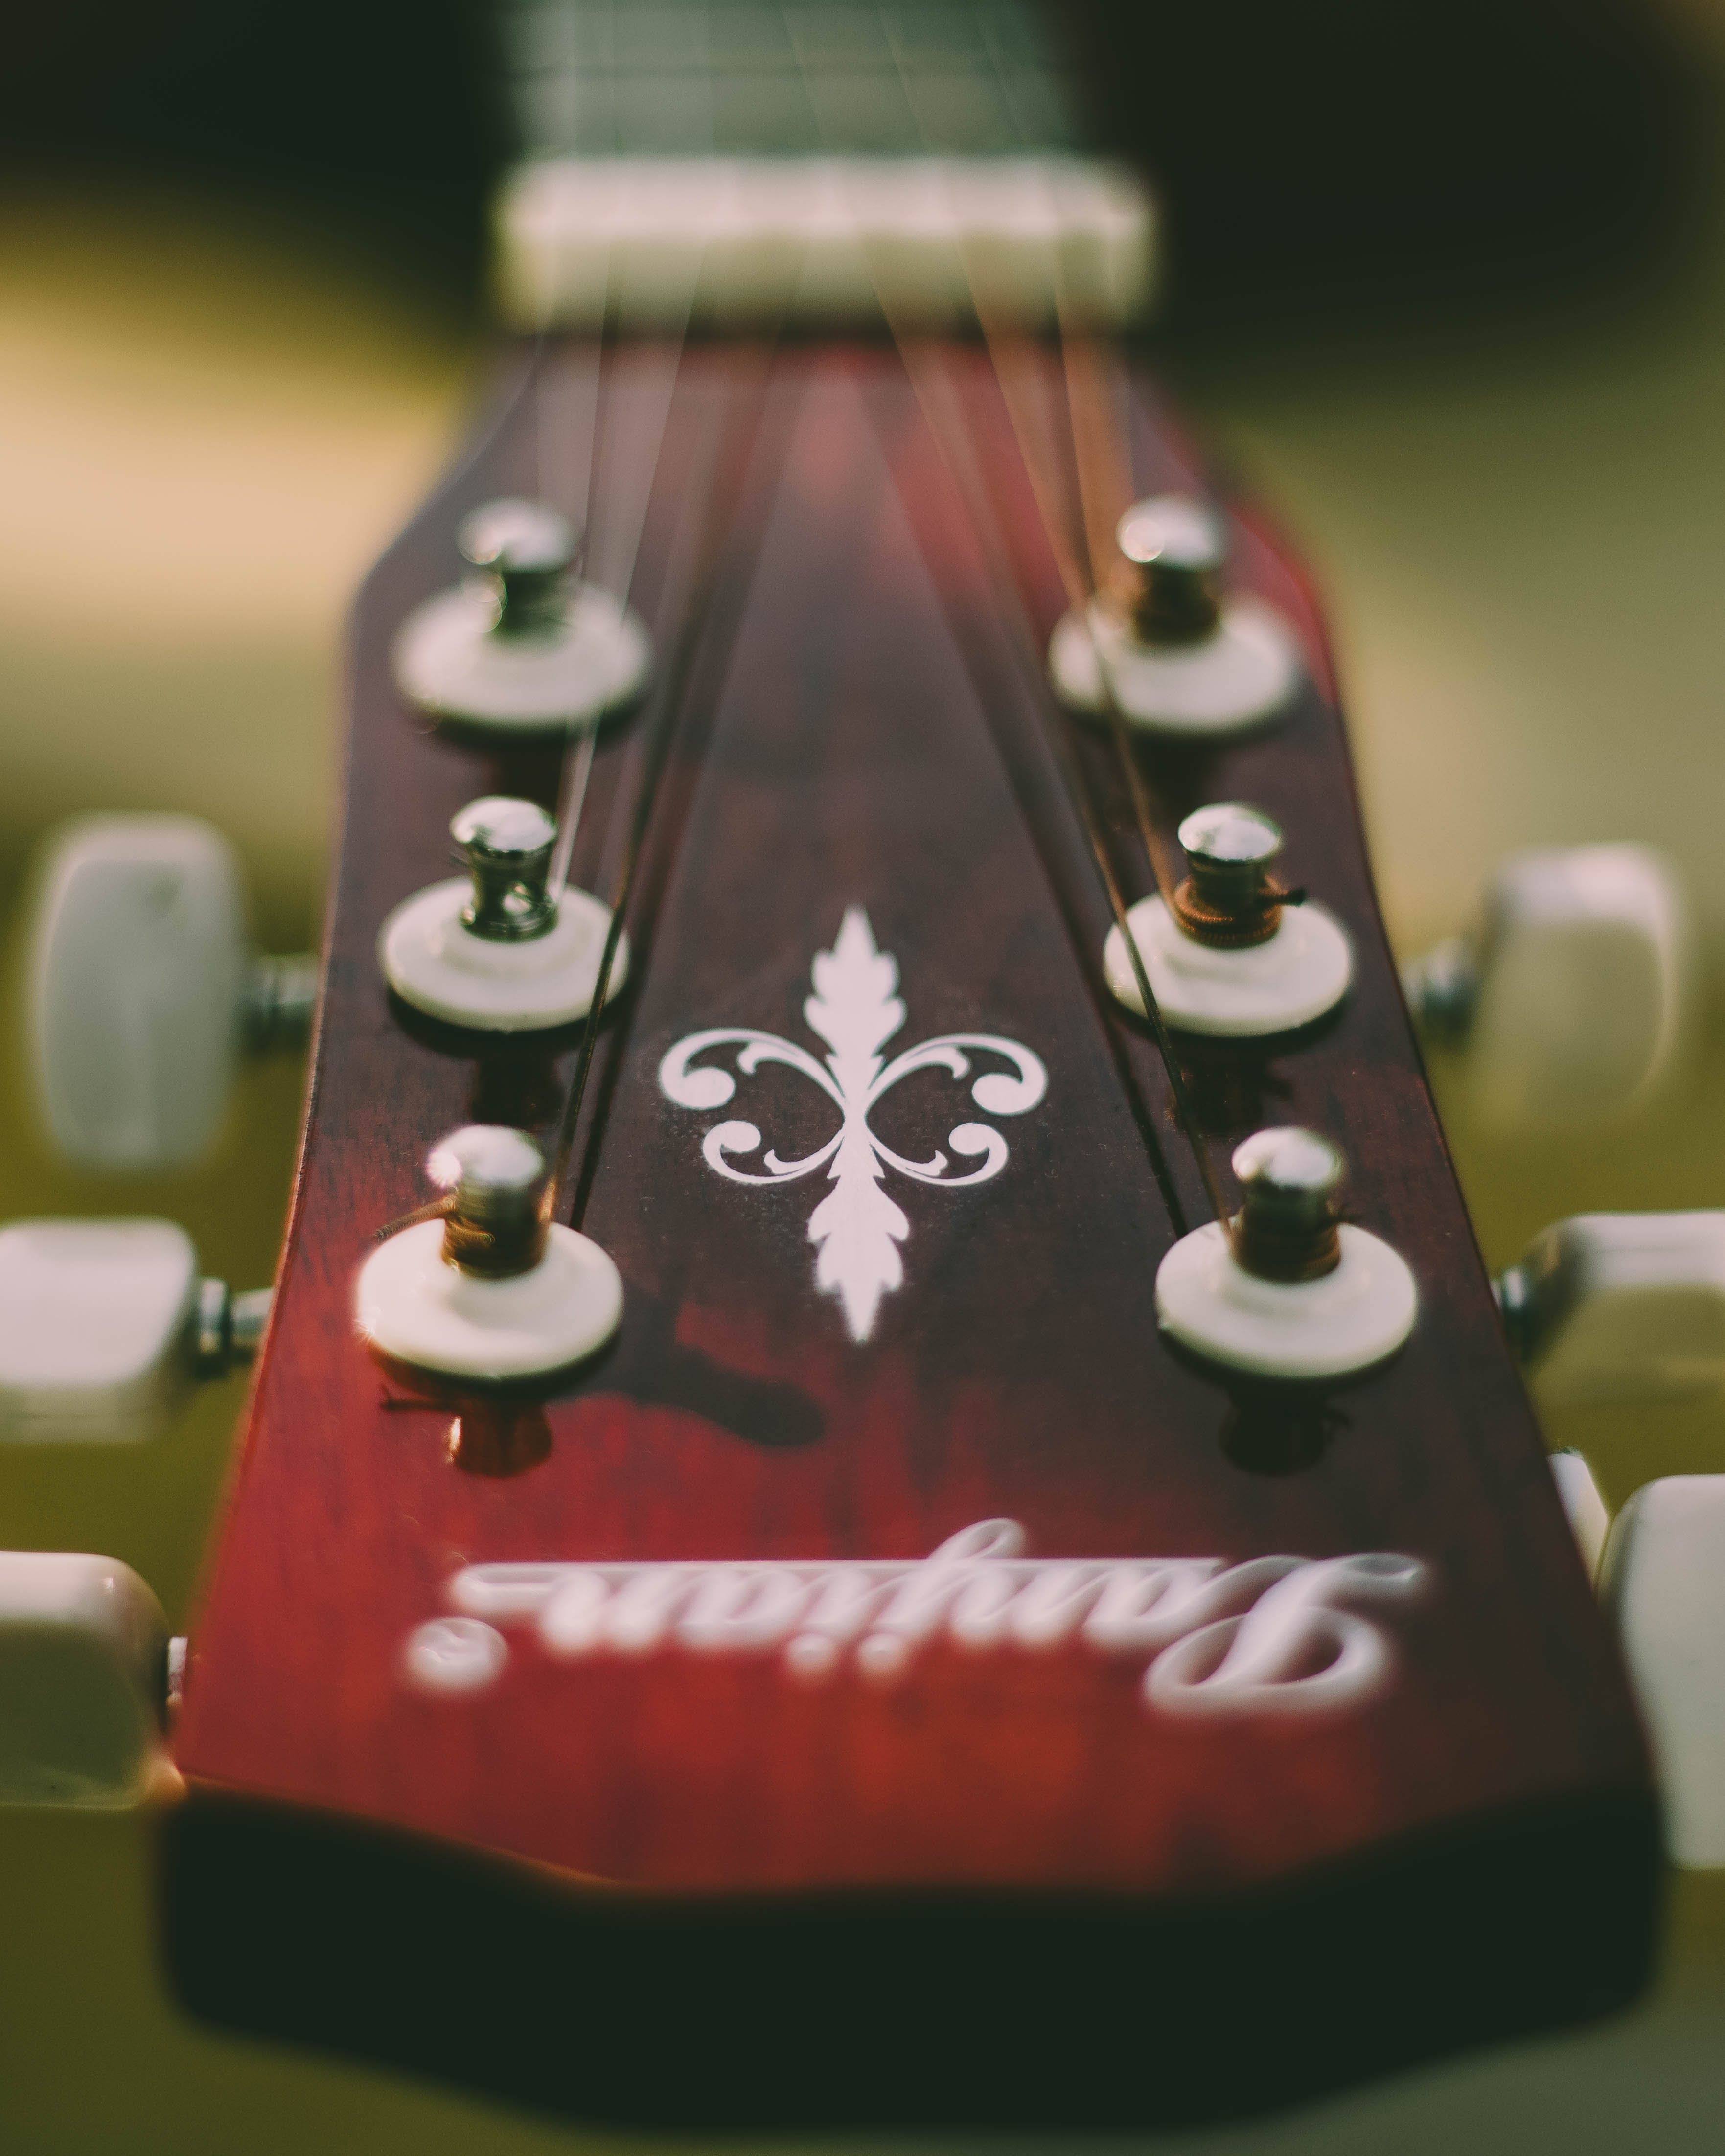 Δωρεάν στοκ φωτογραφιών με γκρο πλαν, έγχορδο όργανο, κεφαλή, κιθάρα